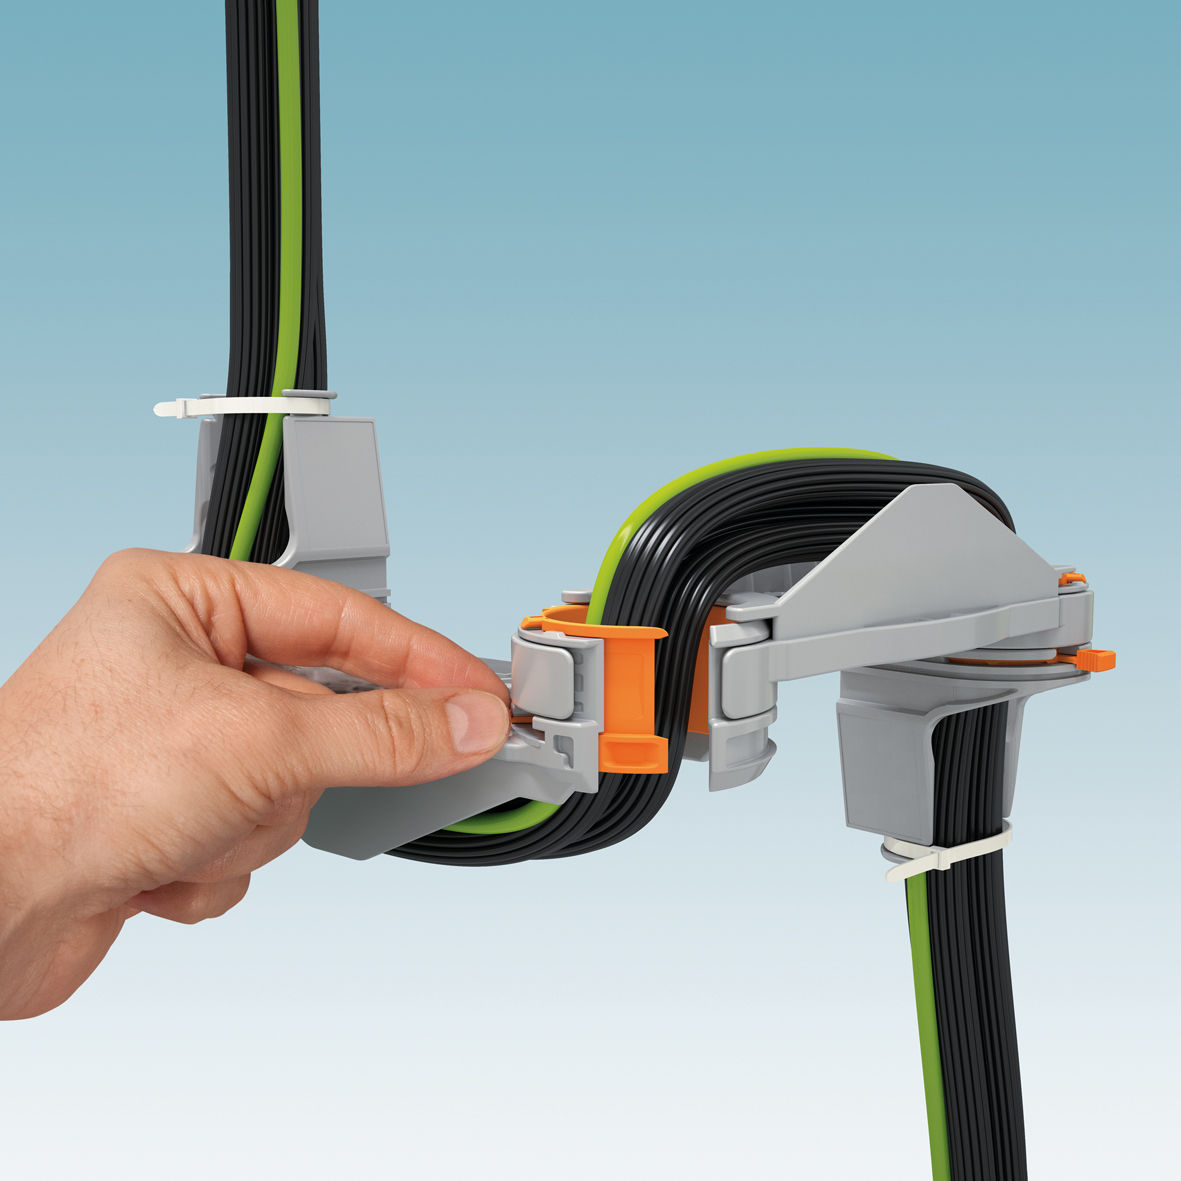 Einfache Kabel- und Leiterführung zur Schaltschranktür